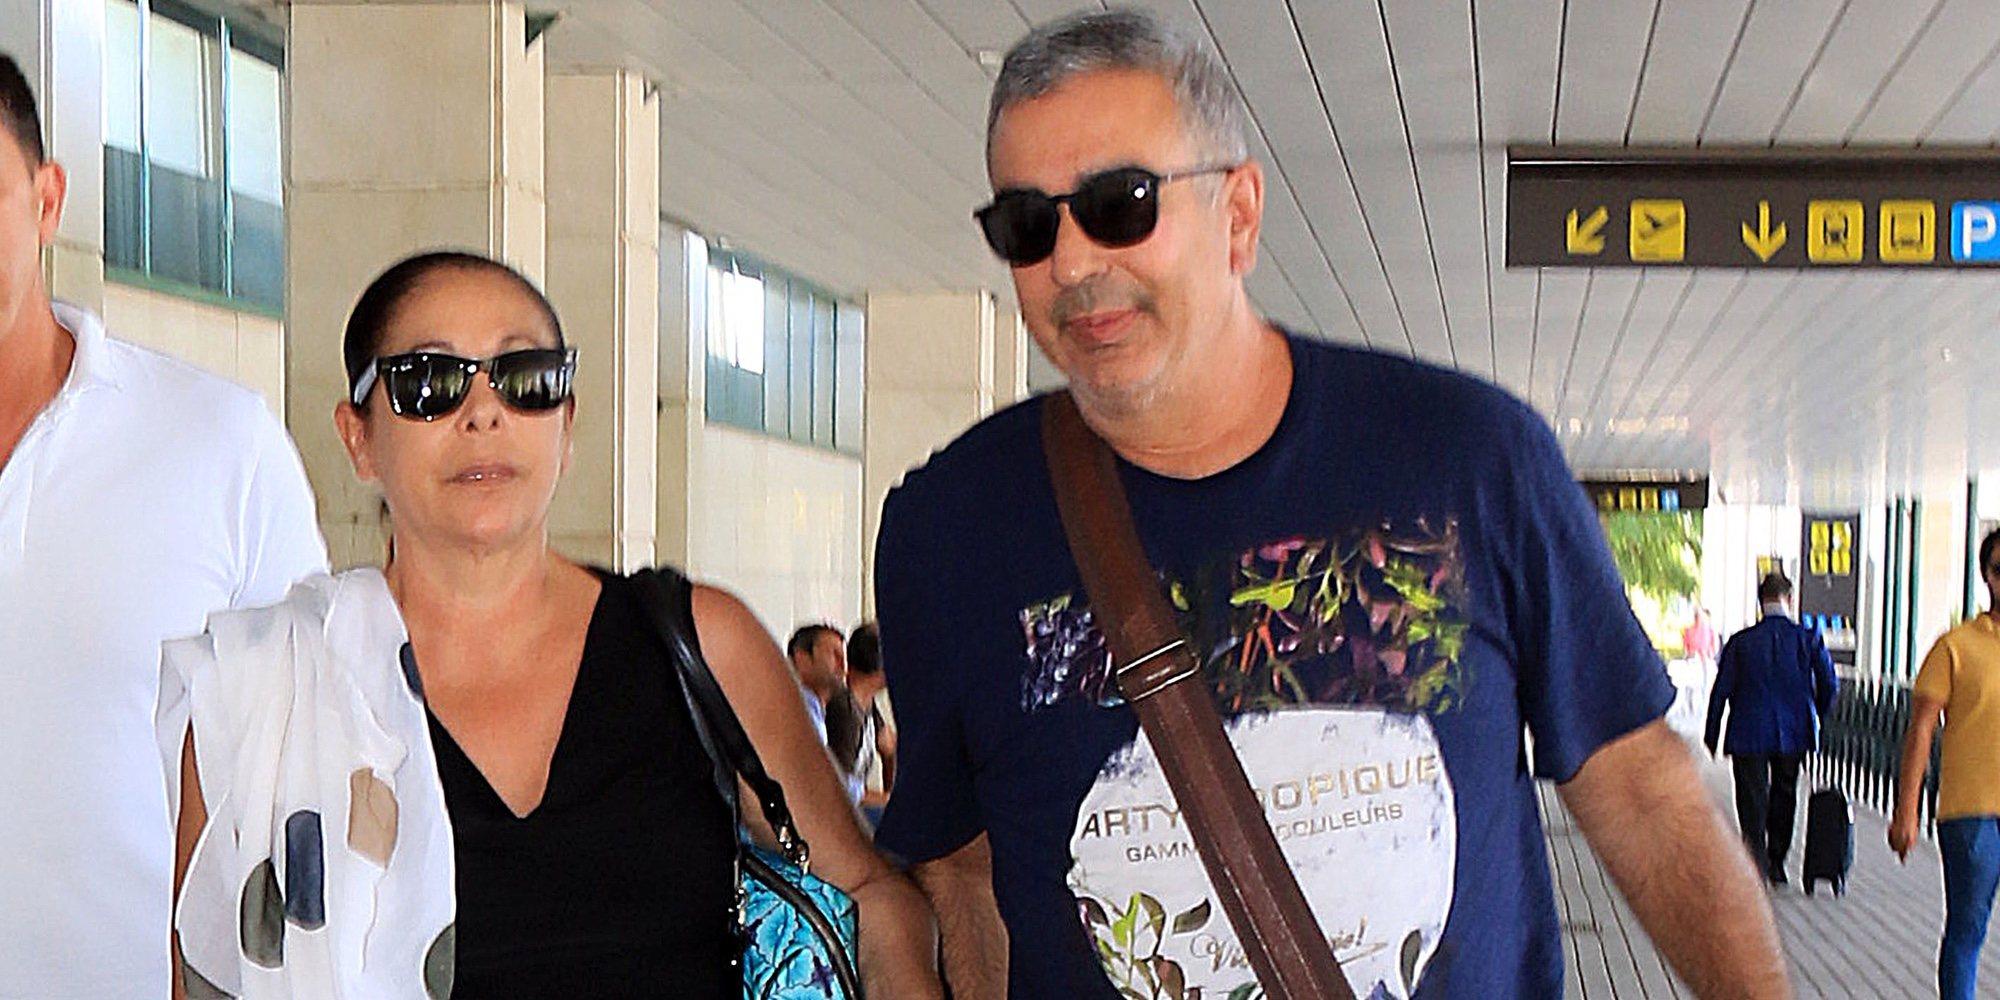 La supuesta bronca entre Agustín Pantoja e Isabel Pantoja que podría ser un antes y un después en su relación